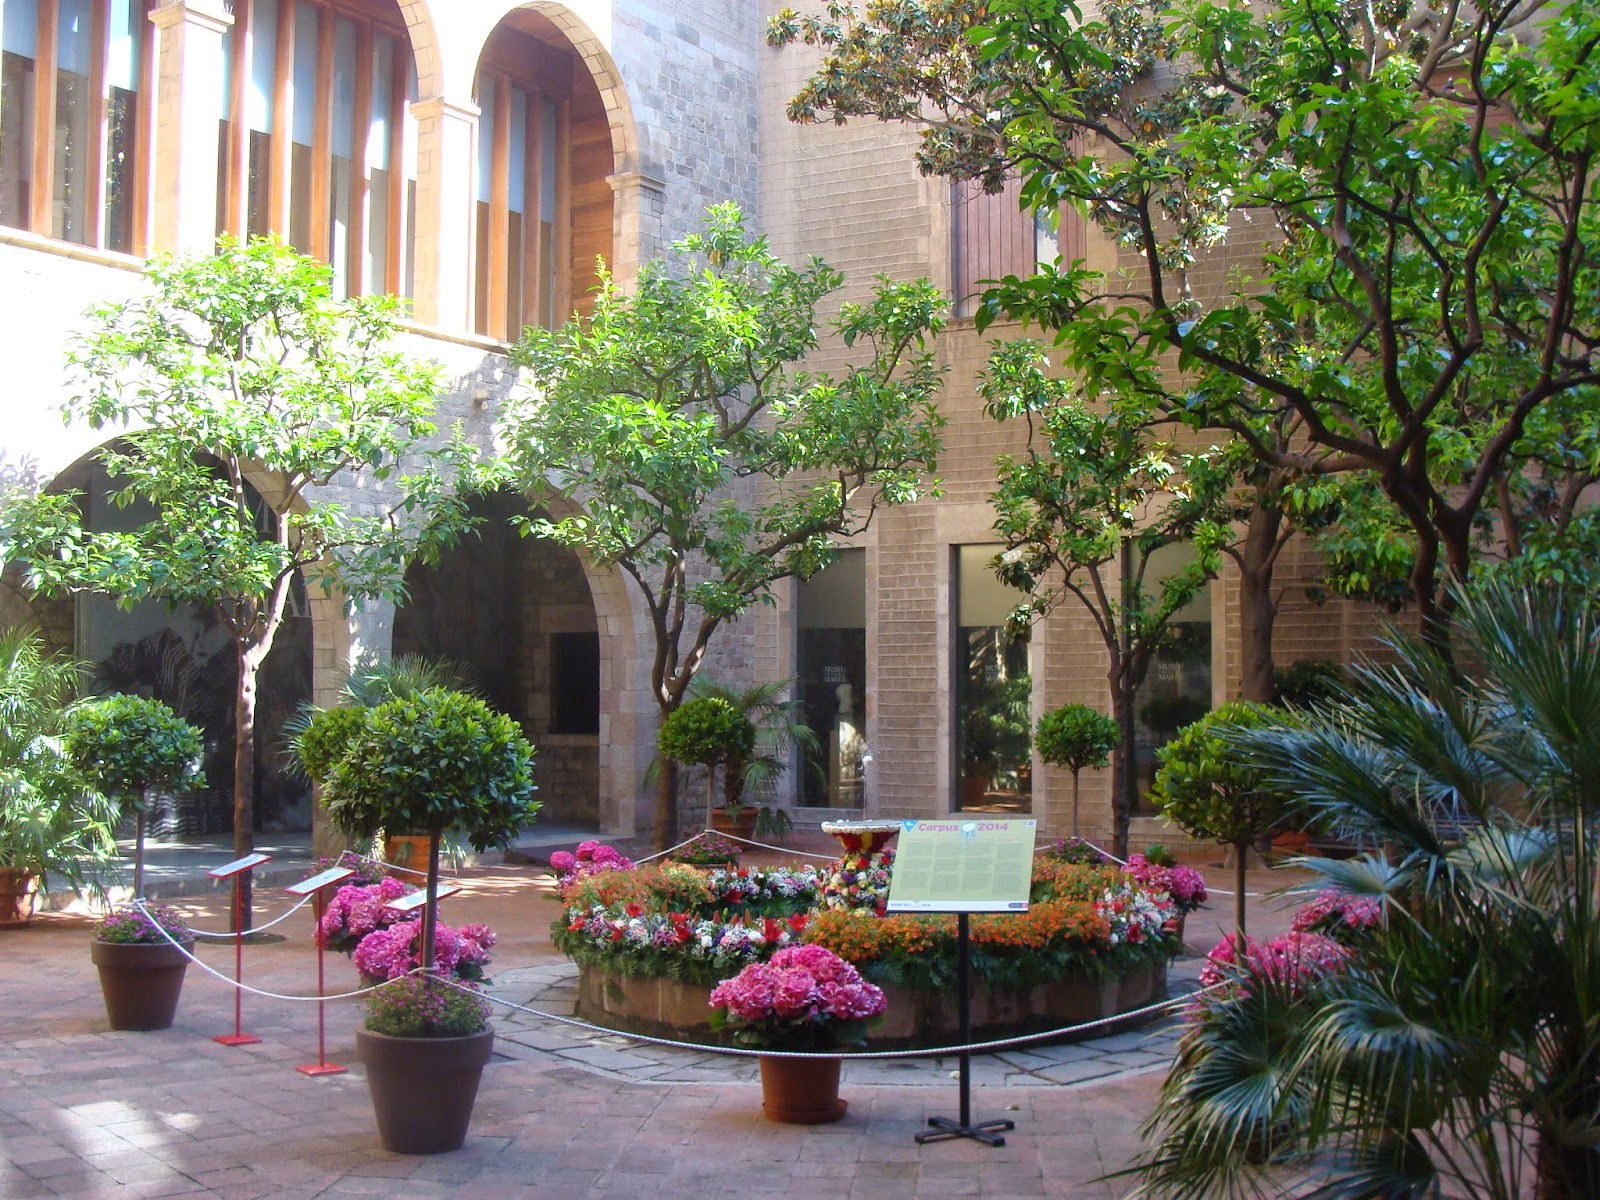 El rincon de un jardin rincones con encanto en barcelona for Rincones de jardines pequenos